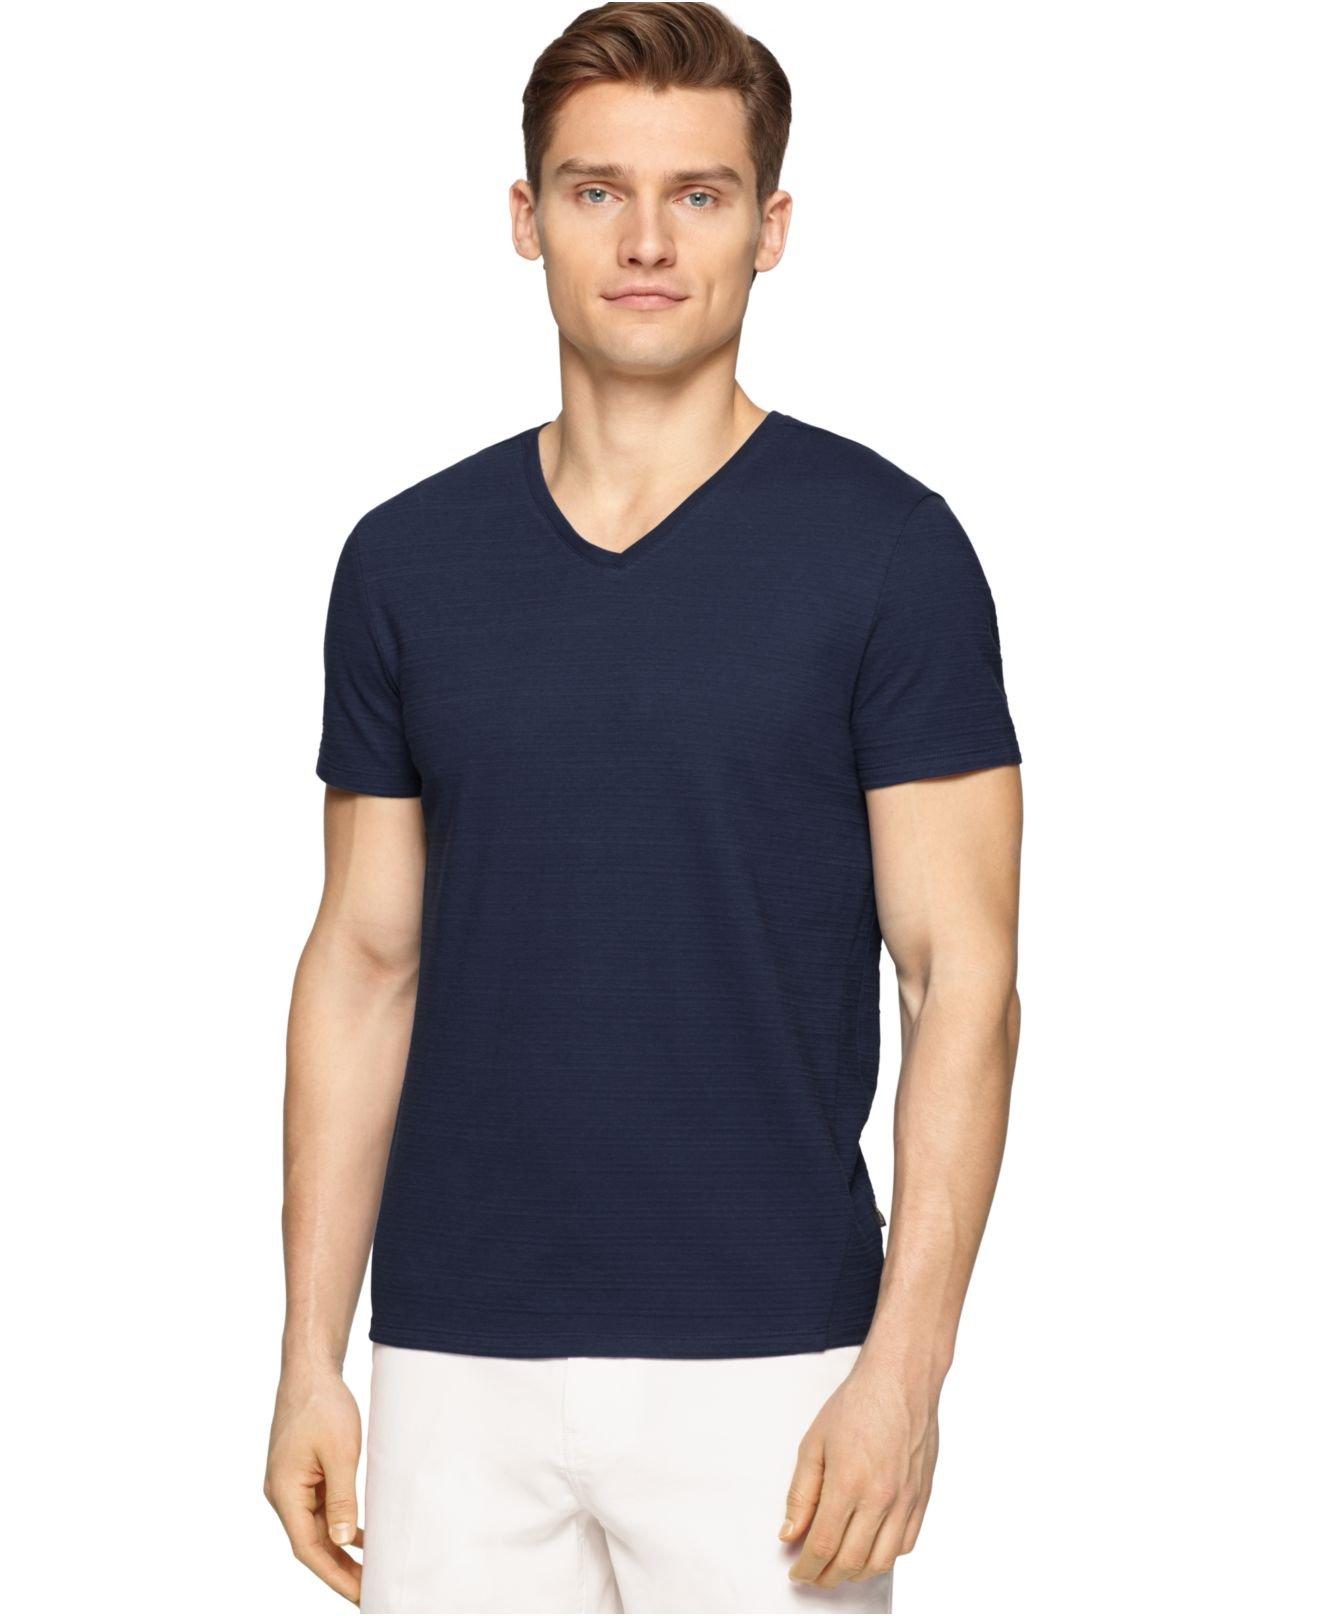 calvin klein v neck slim fit t shirt in blue for men lyst. Black Bedroom Furniture Sets. Home Design Ideas